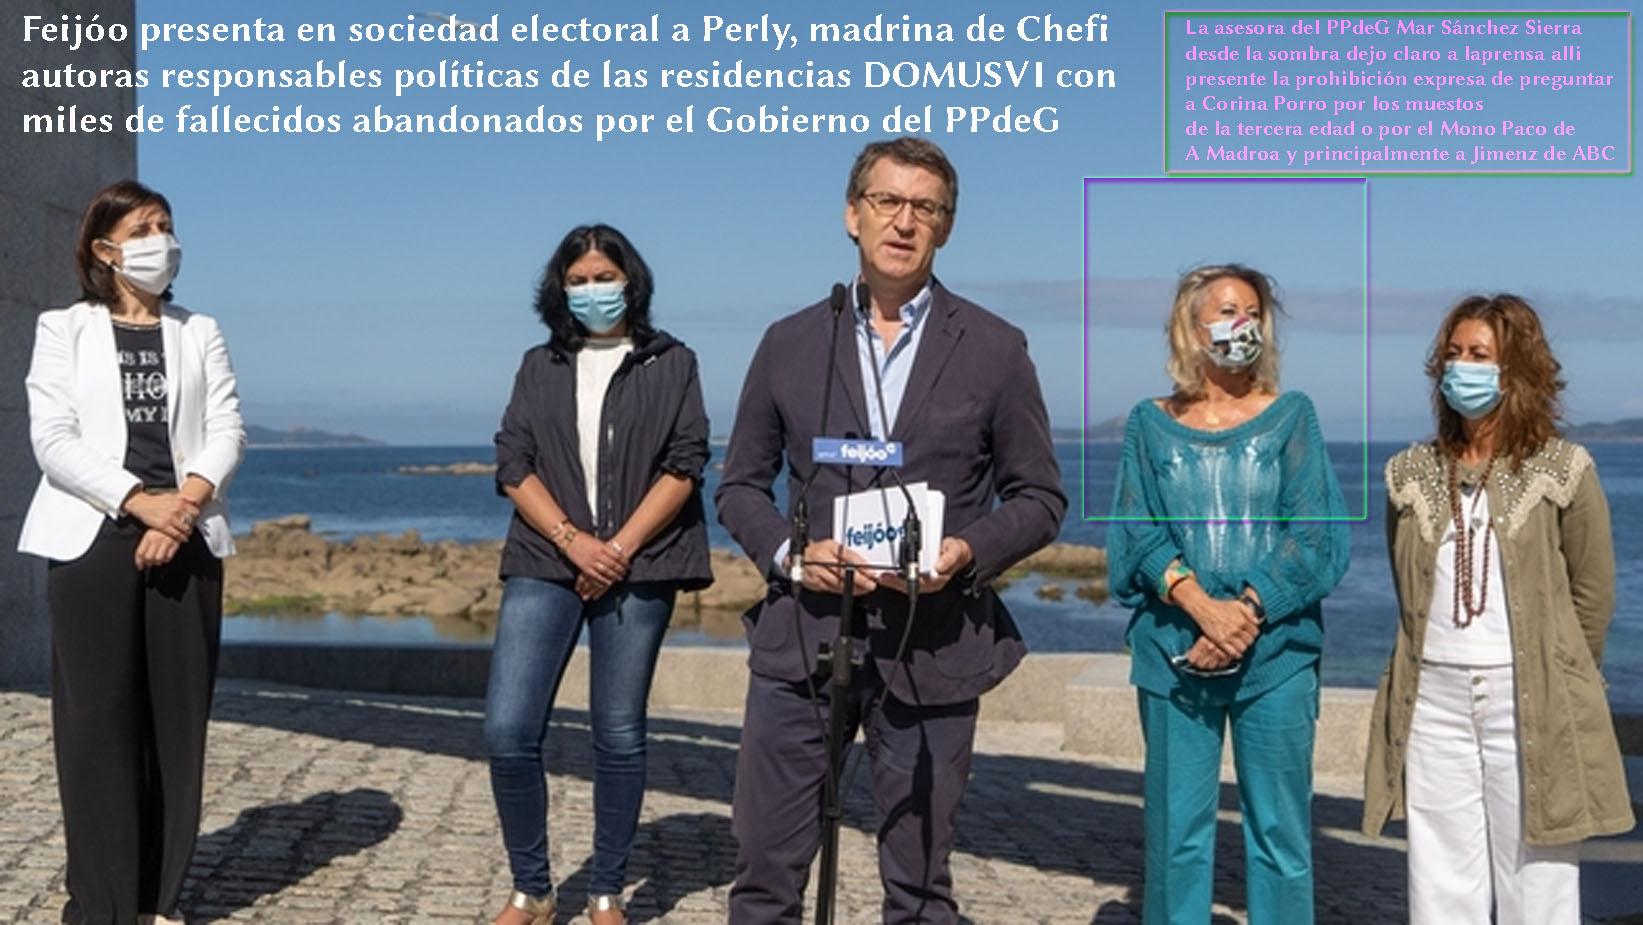 Feijóo presenta en Sociedad a la madrina de Chefi, la Sra Perly ...